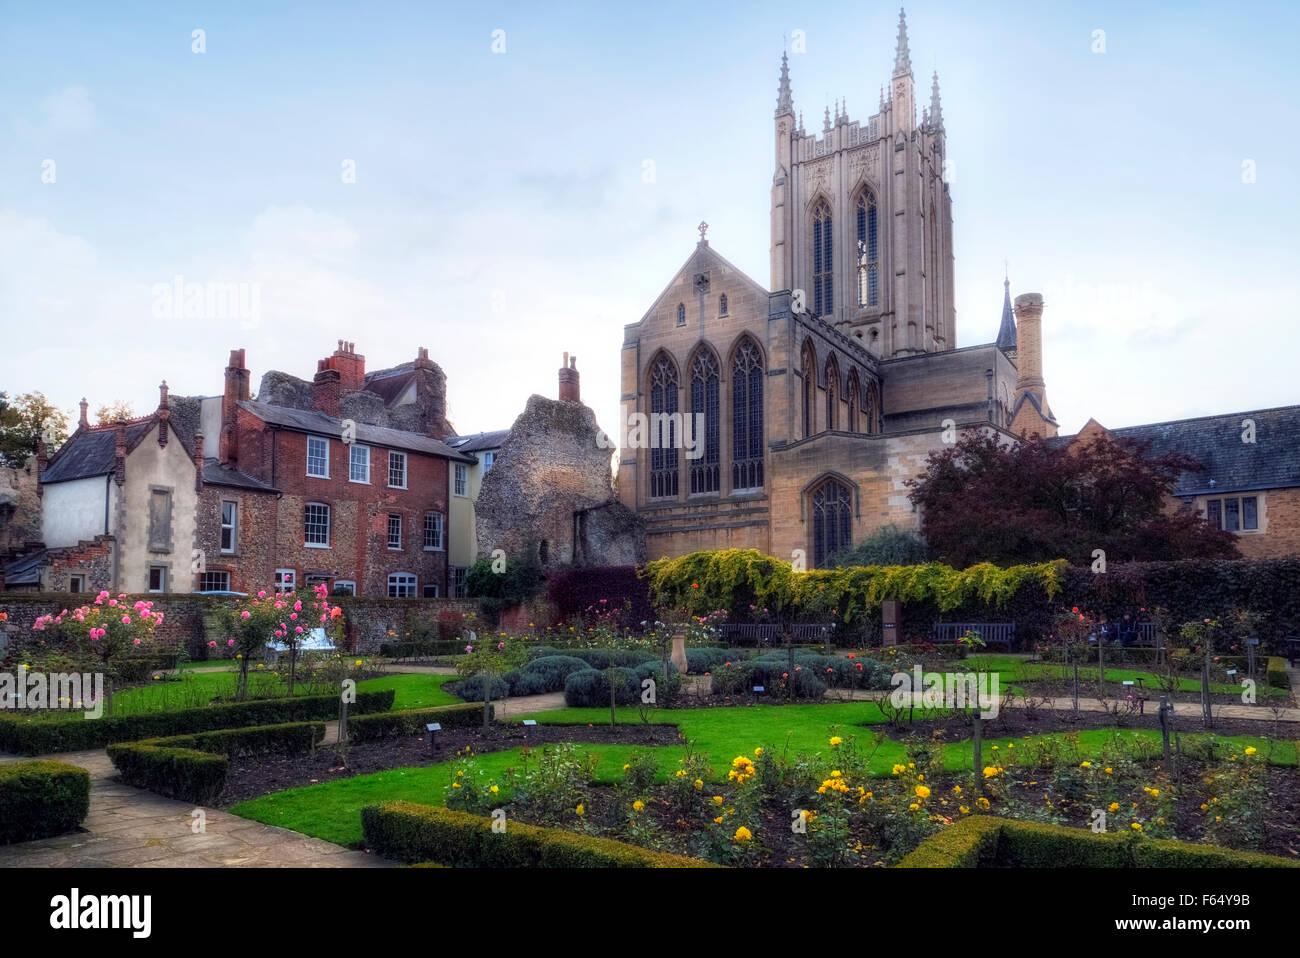 St Edmundsbury Cathedral, Bury St Edmunds, Suffolk, England, United Kingdom - Stock Image